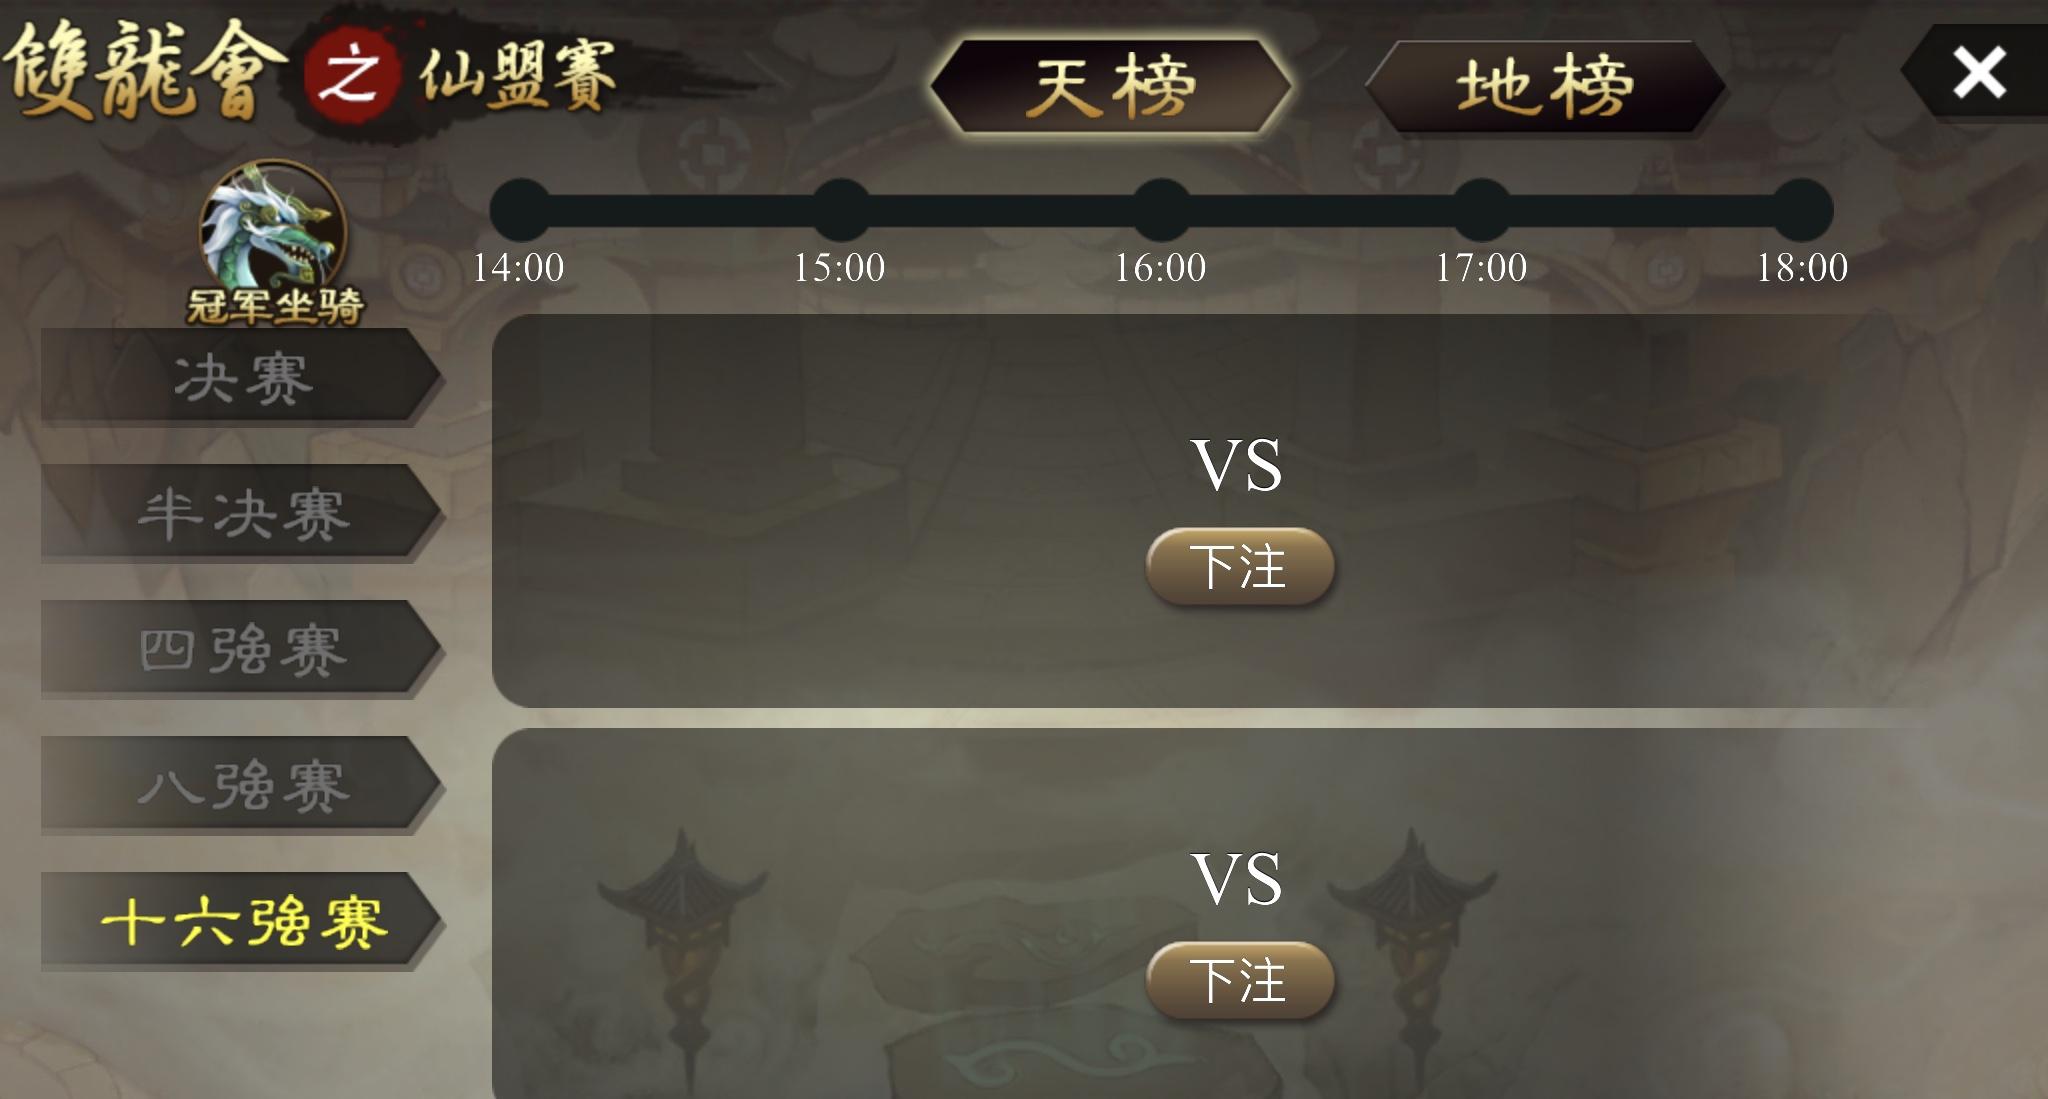 双龙会没有与预赛 直接出bug了 没办法**。